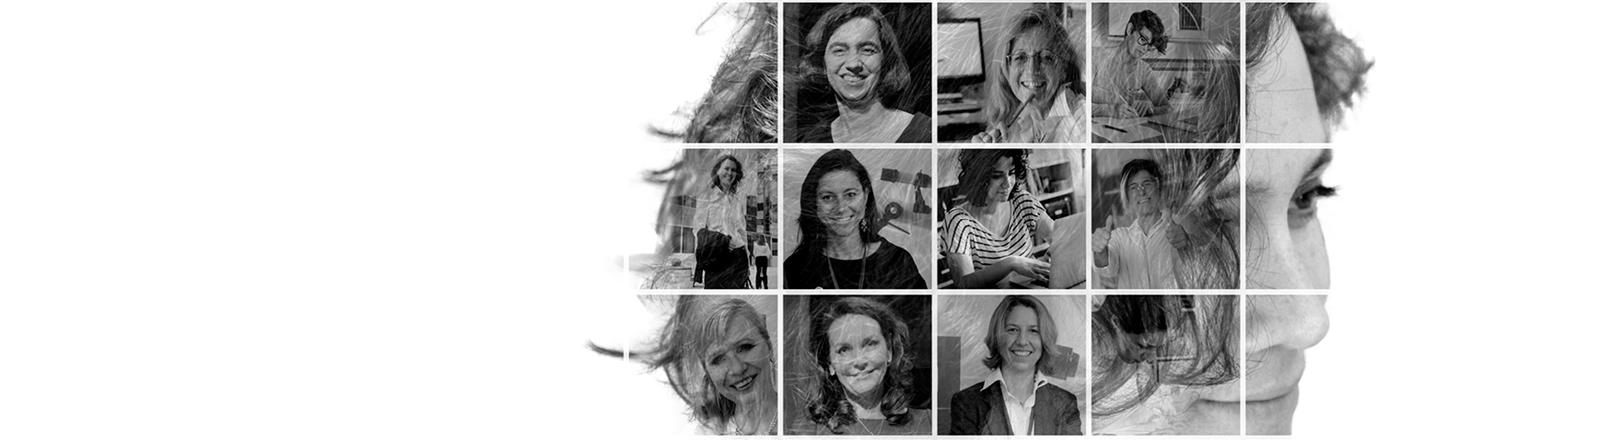 Fotomontage mit Nominierten des Preises Women Innovators 2017